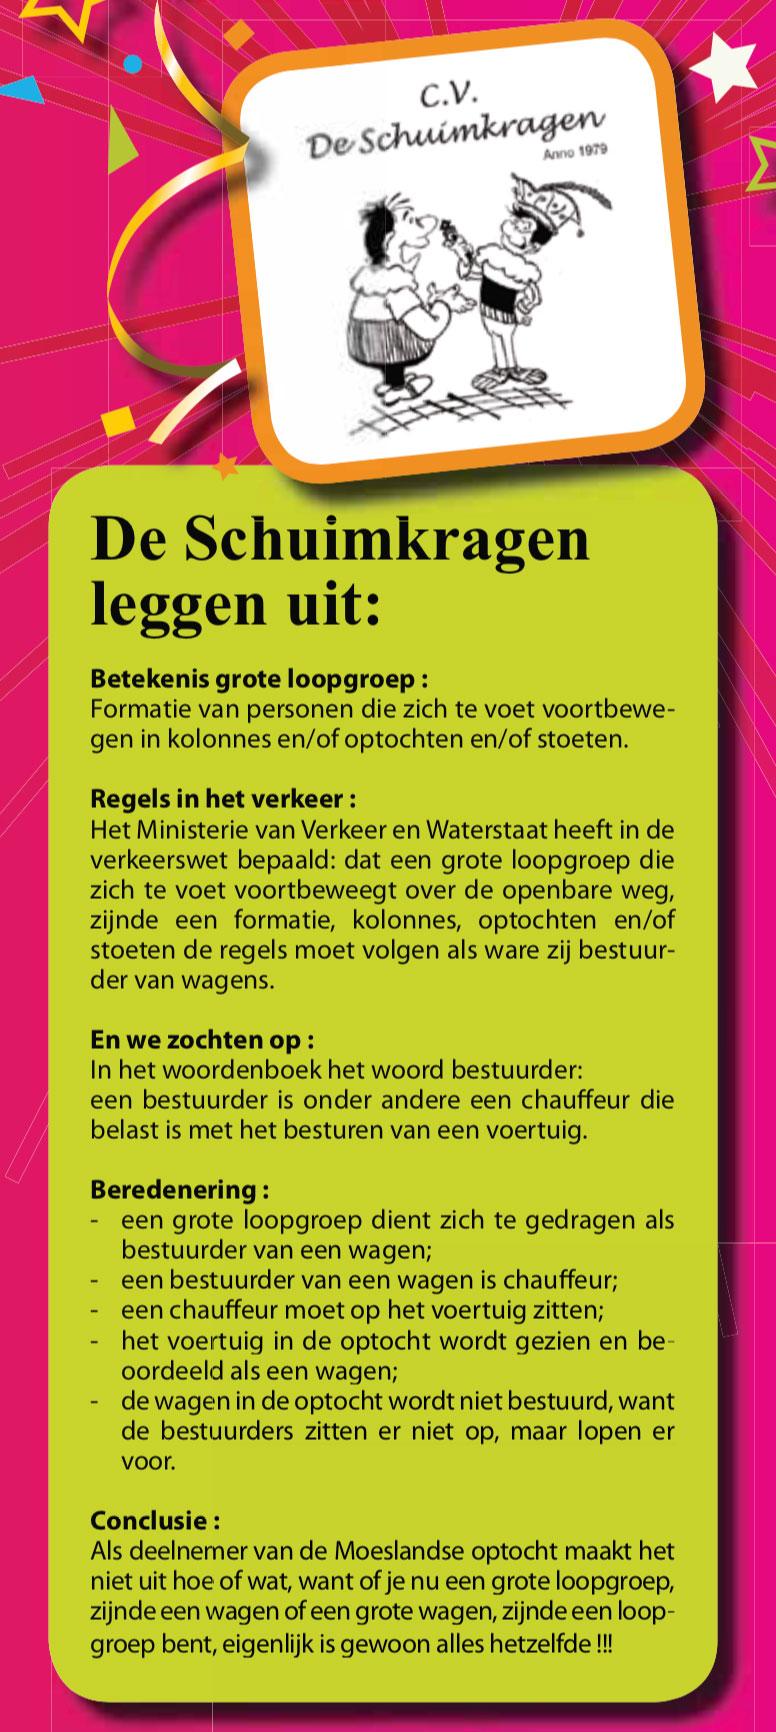 Stukje uit de carnavalskrant van de Schuimkragen - 2010